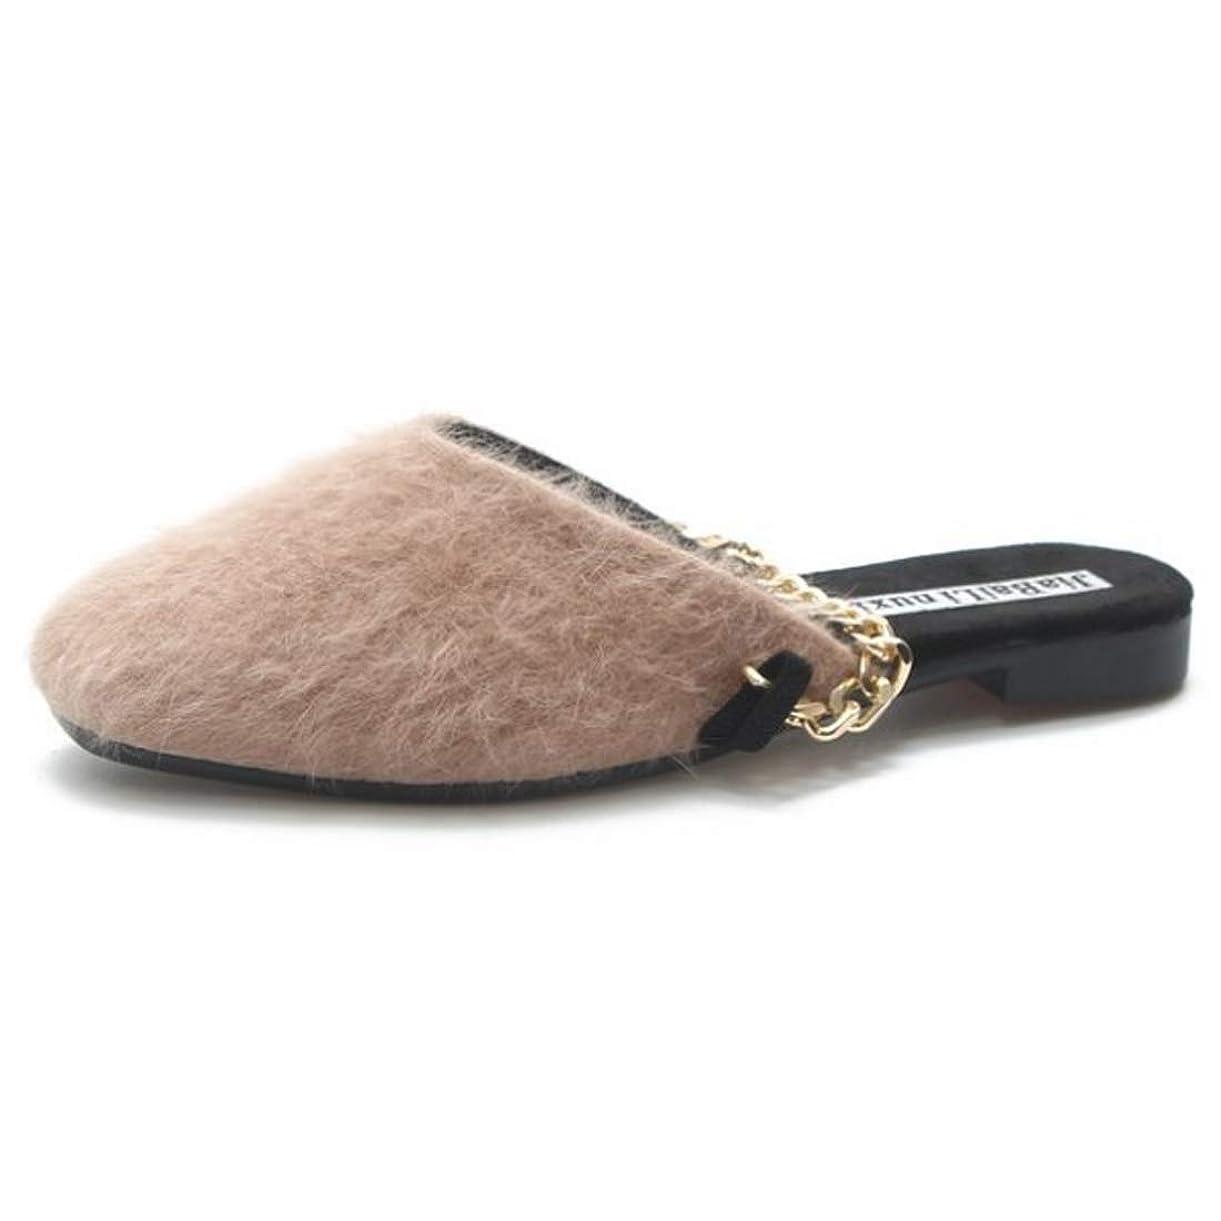 不明瞭フェードアウトバドミントン[Aiweijia] 女性の室内スリッパ秋の冬のファッション女性の の毛皮の靴の金属チェーン怠惰な靴フラット女性の靴